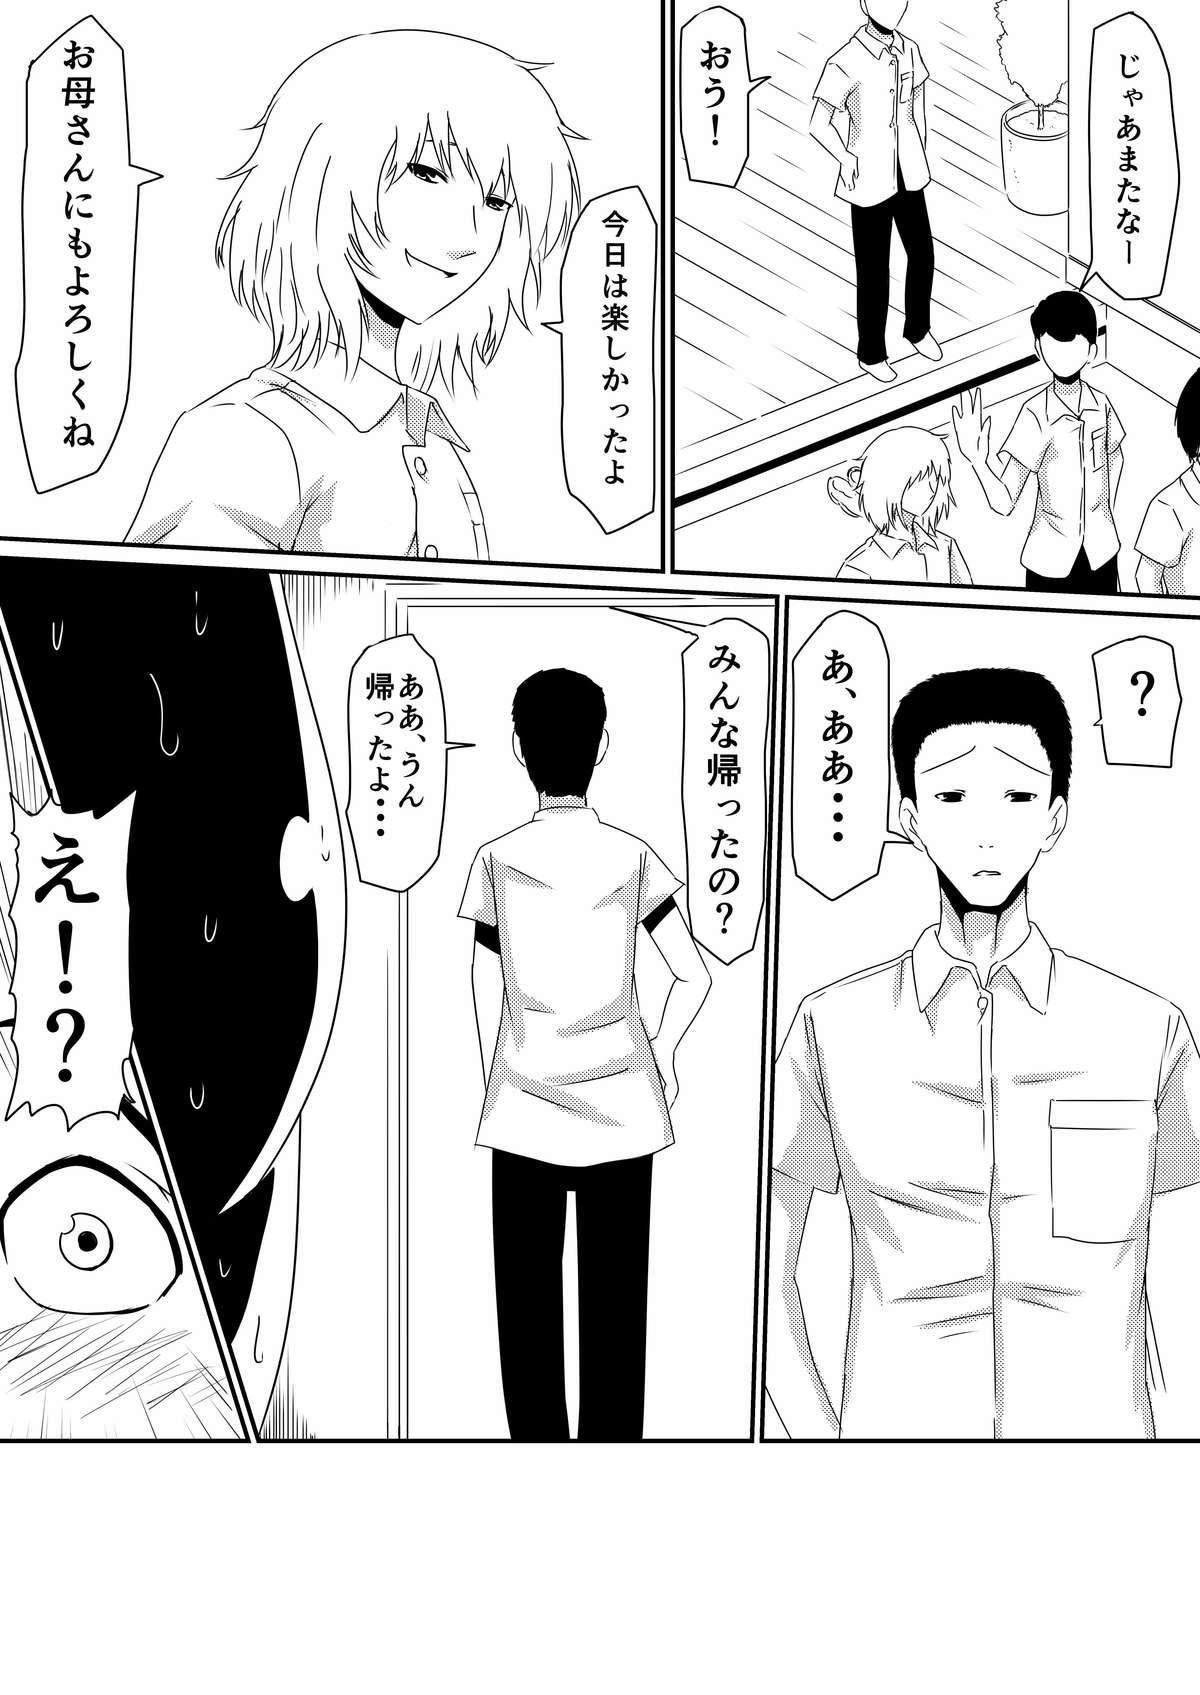 [Mikezoutei] Mashou no Chinko o Motsu Shounen ~Kare no Dankon wa Josei o Mesu e to Kaeru~ Zenpen 54